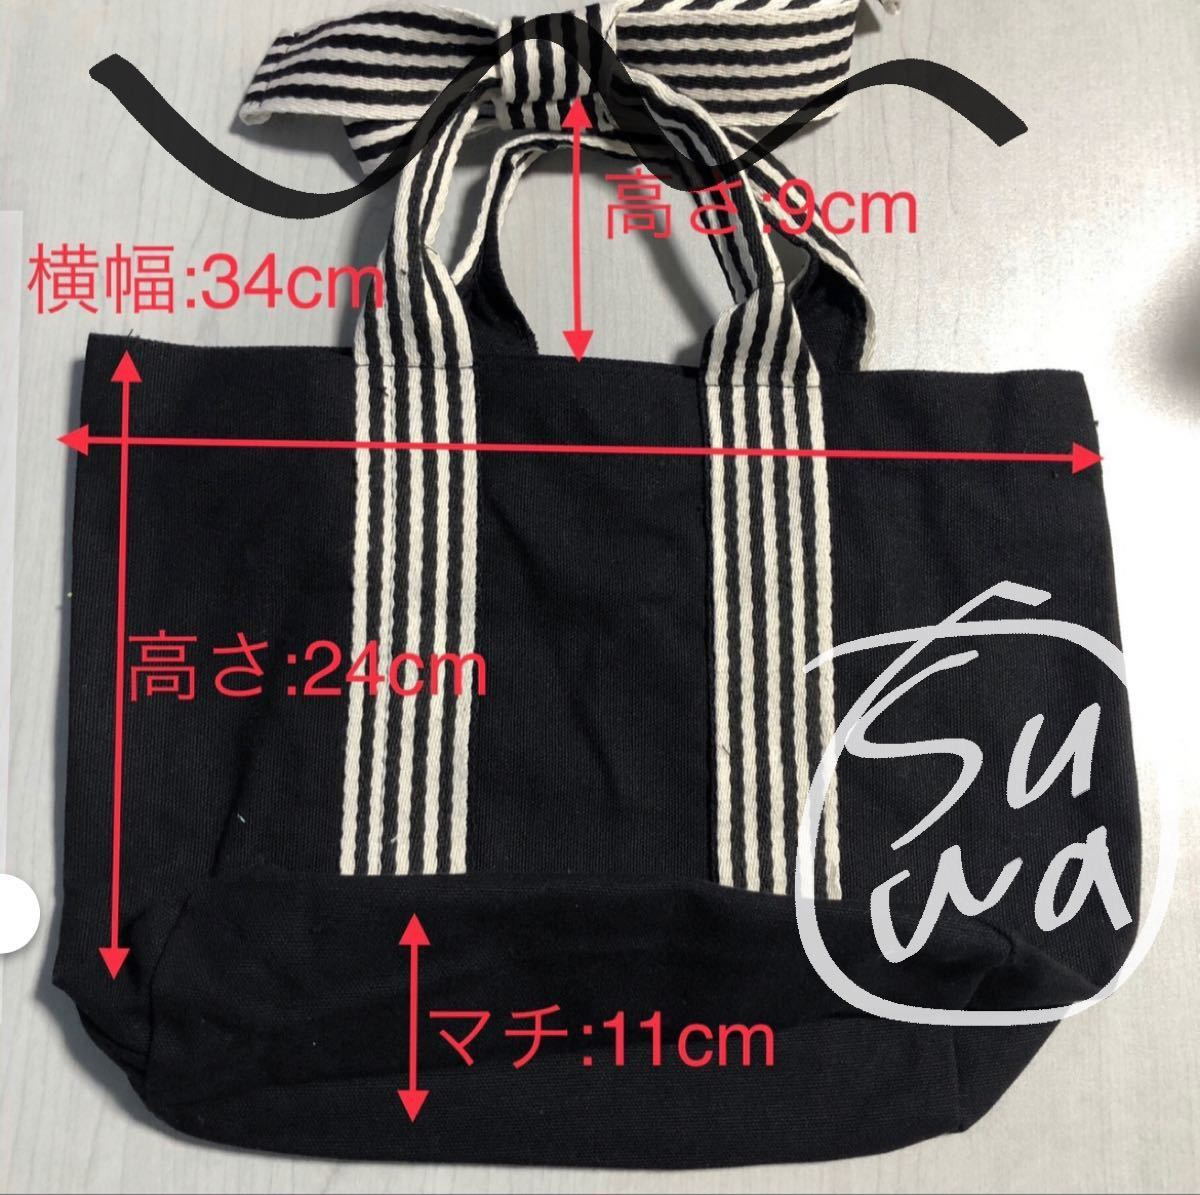 トートバッグ リボントート ミニバッグ ブラック ボーダー オルチャン 韓国 サブバッグ